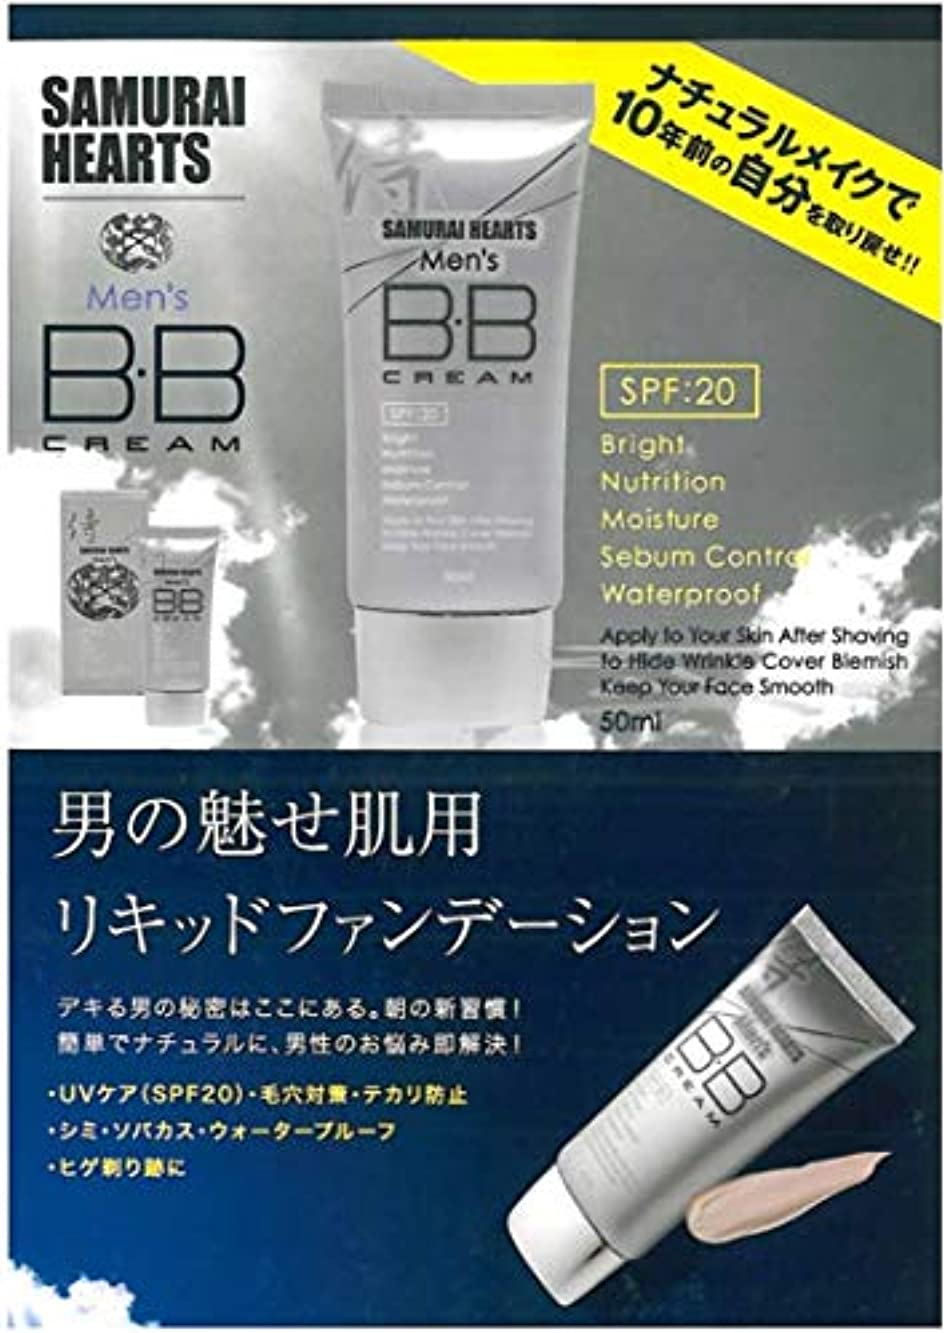 サムライハーツBBクリーム BBクリーム ファンデーション 男性用 メンズ 化粧品